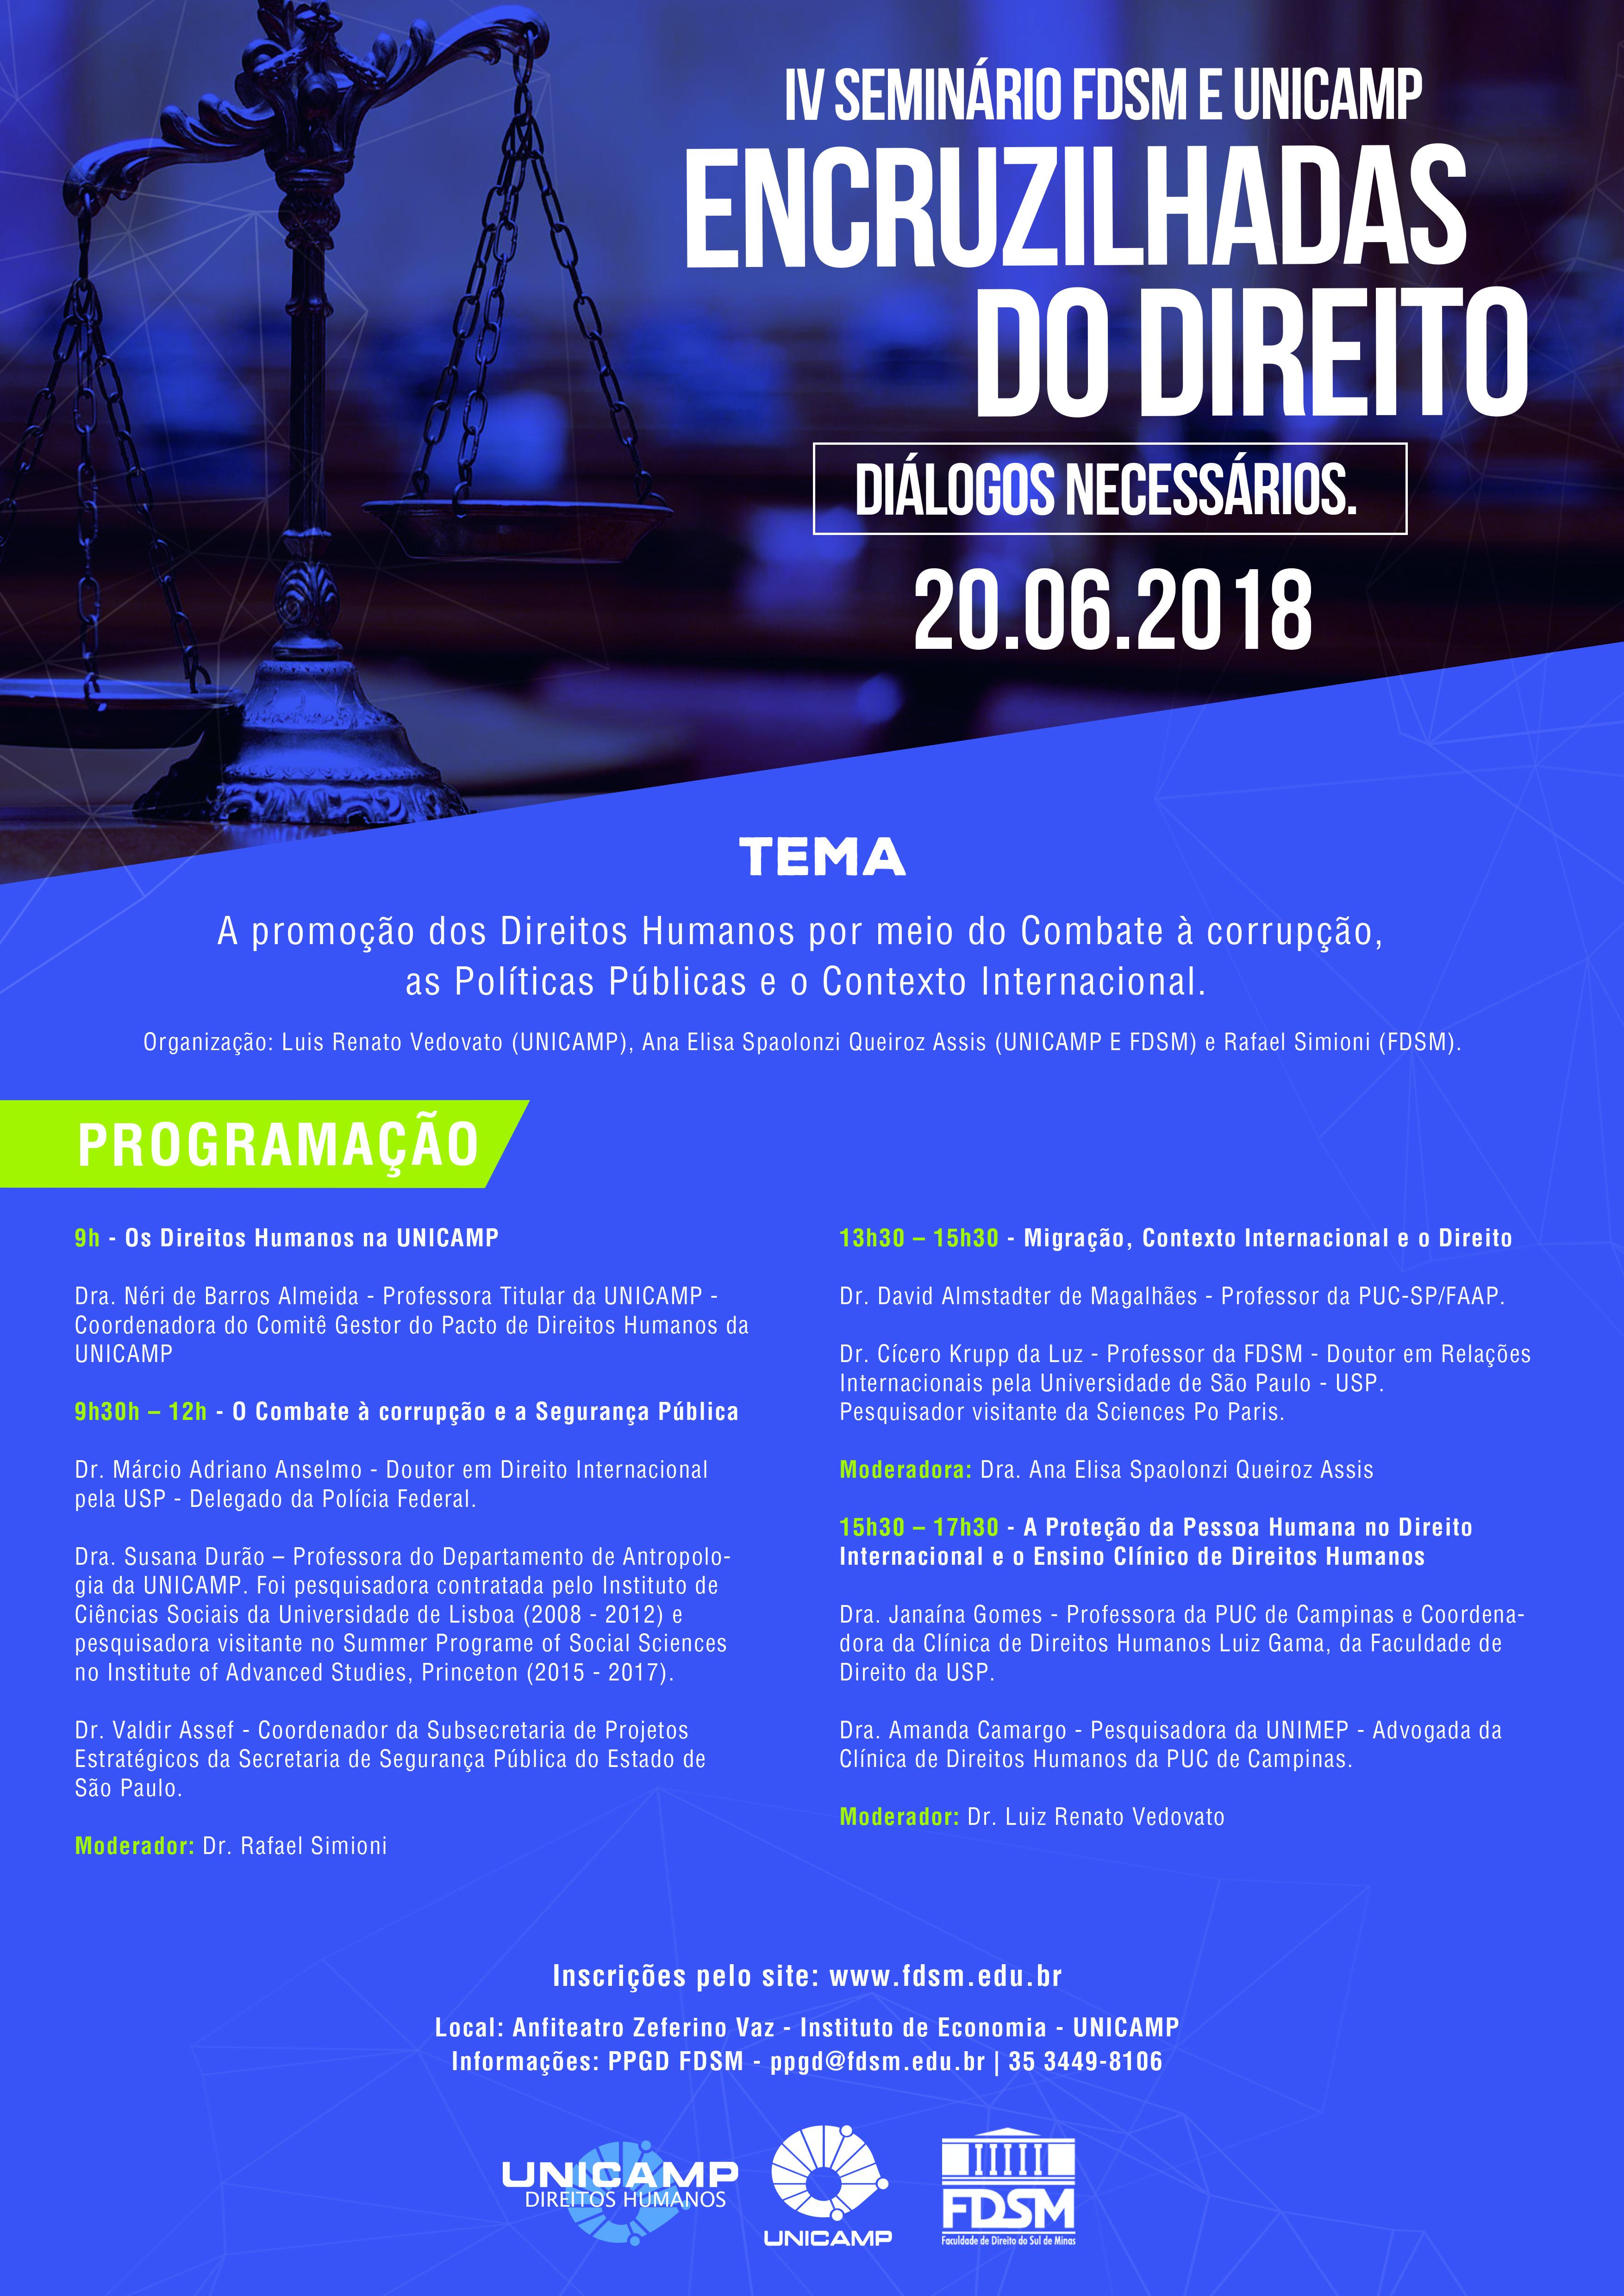 IV SEMINÁRIO ENCRUZILHADAS DO DIREITO - DIÁLOGOS NECESSÁRIOS